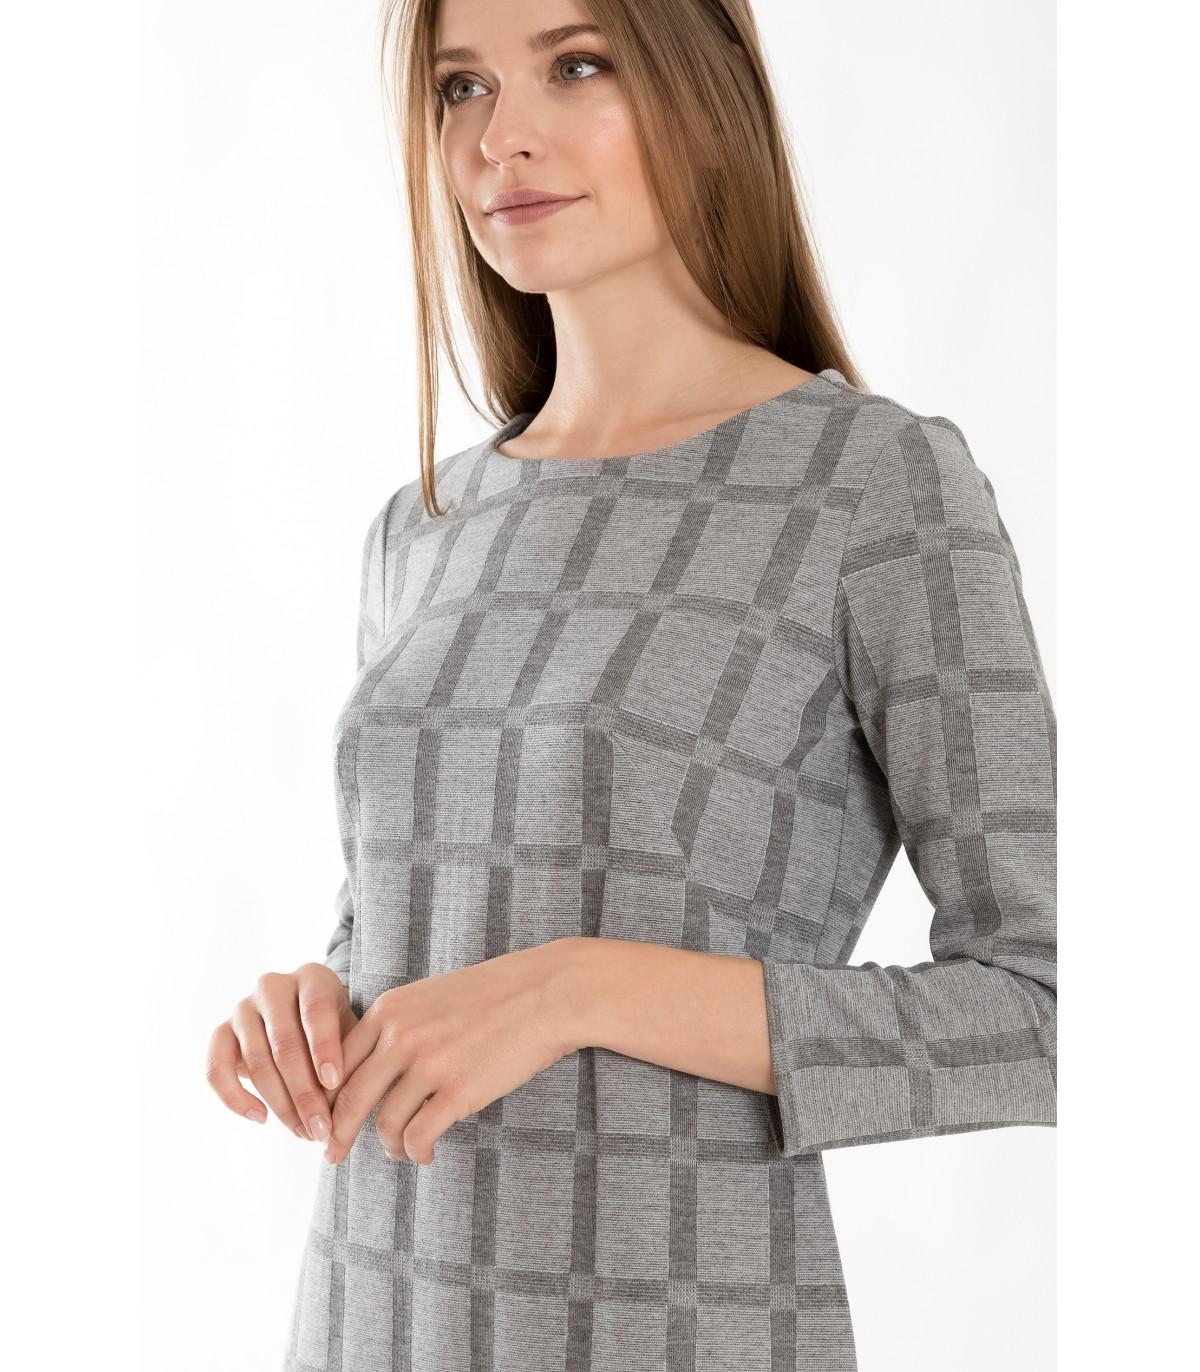 782d54019392 Padnoucí úpletové šaty s kostkovaným motivem